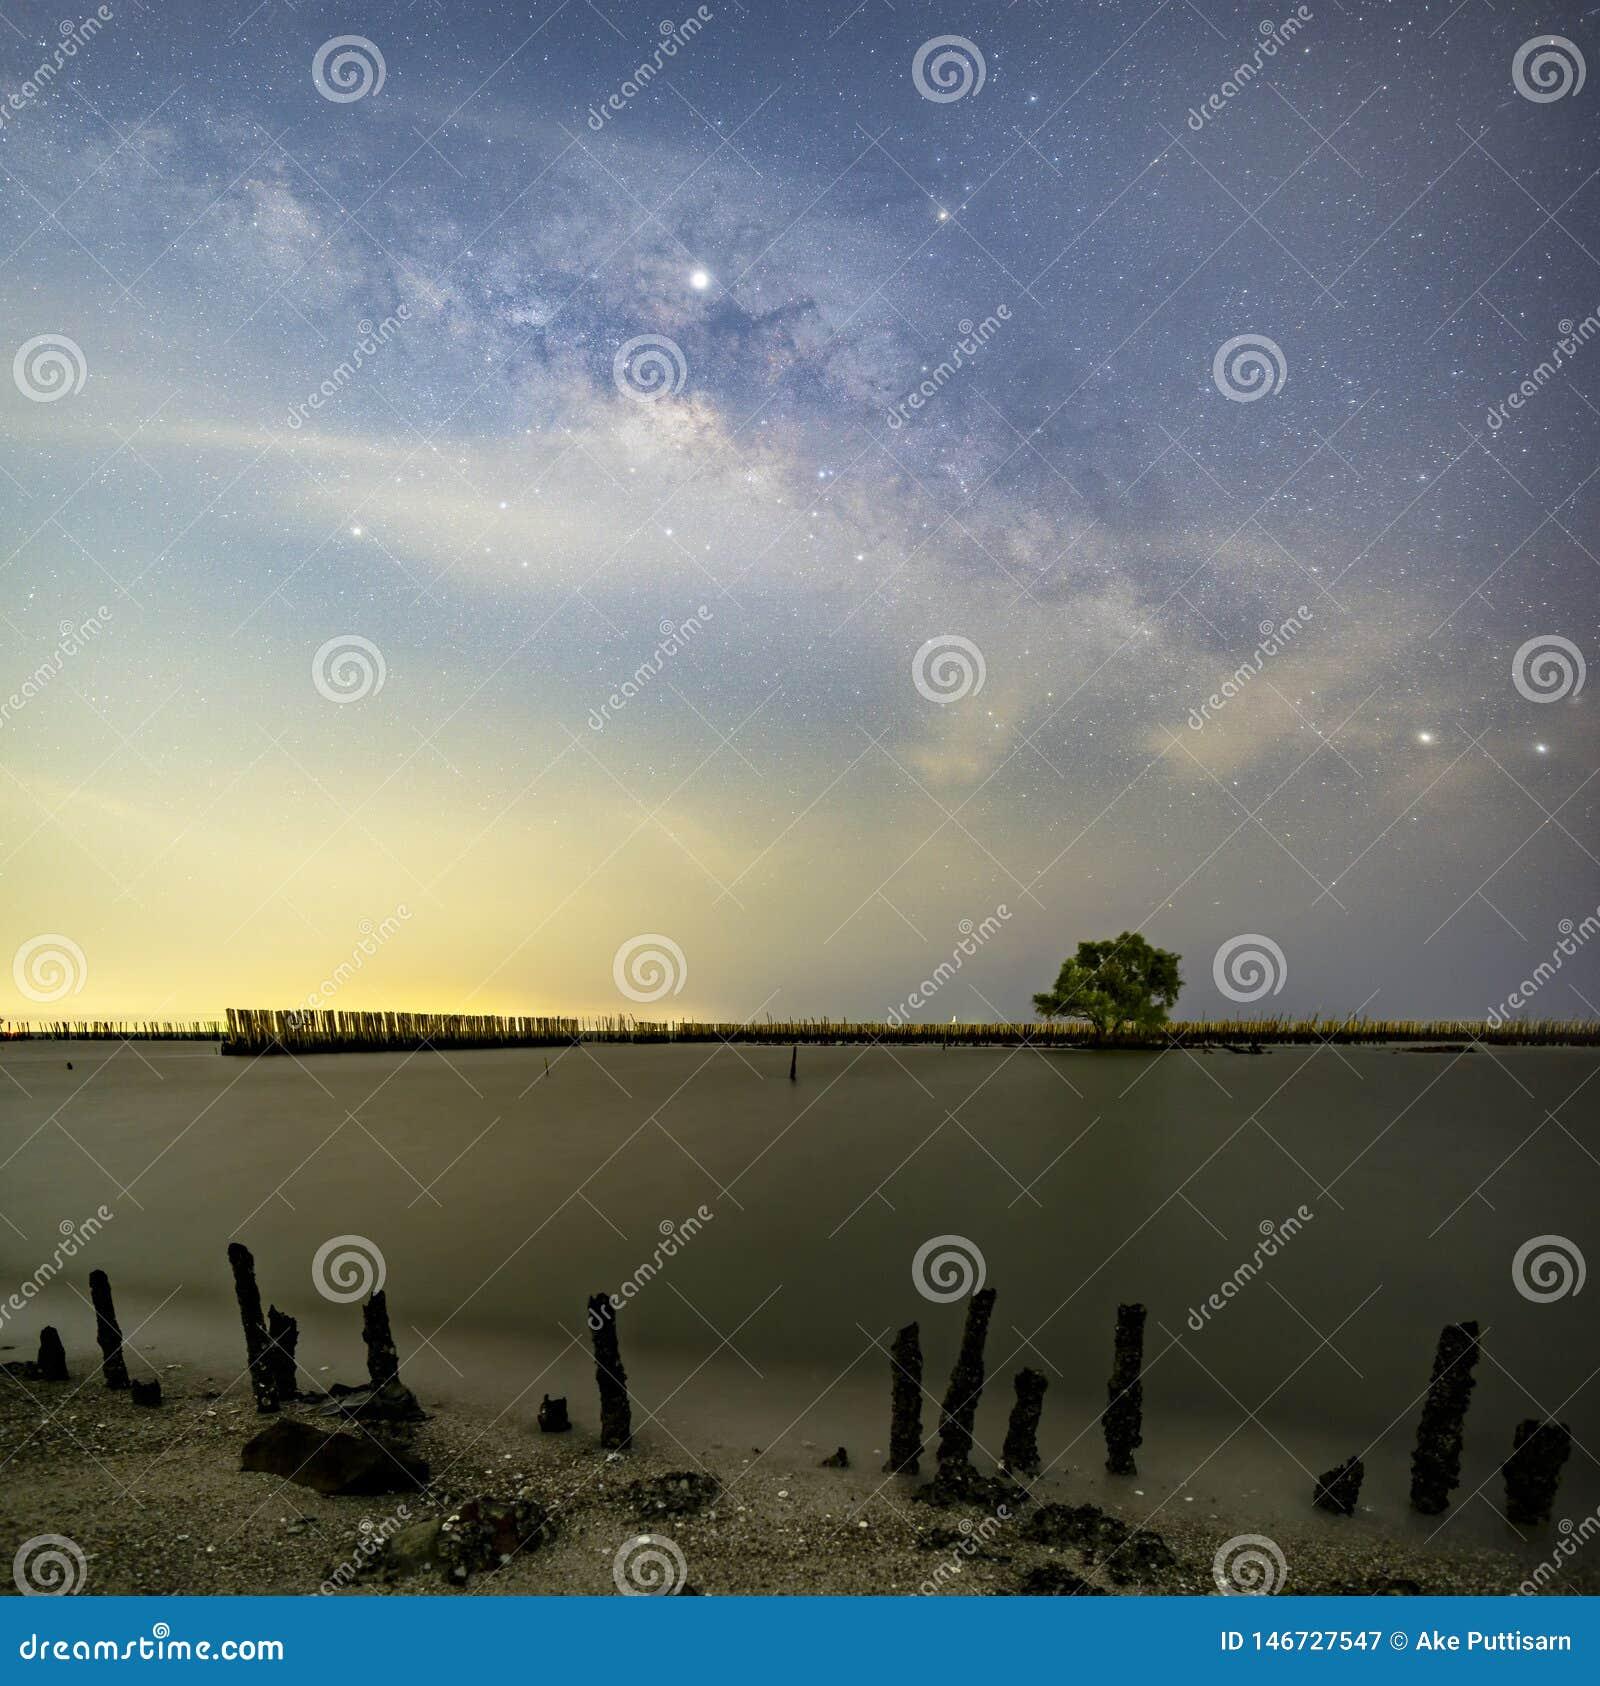 La v?a l?ctea sobre un solo ?rbol y el paisaje de bamb? evita que el mar rompa la costa